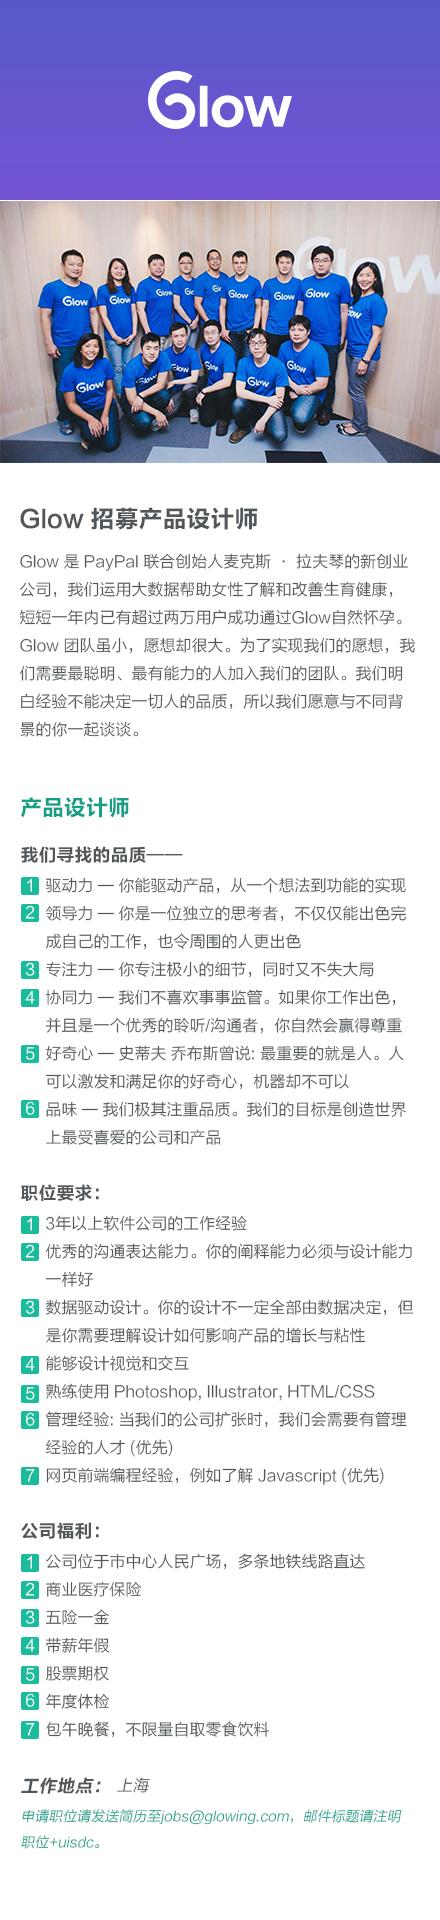 【上海招聘】Glow招募产品设计师